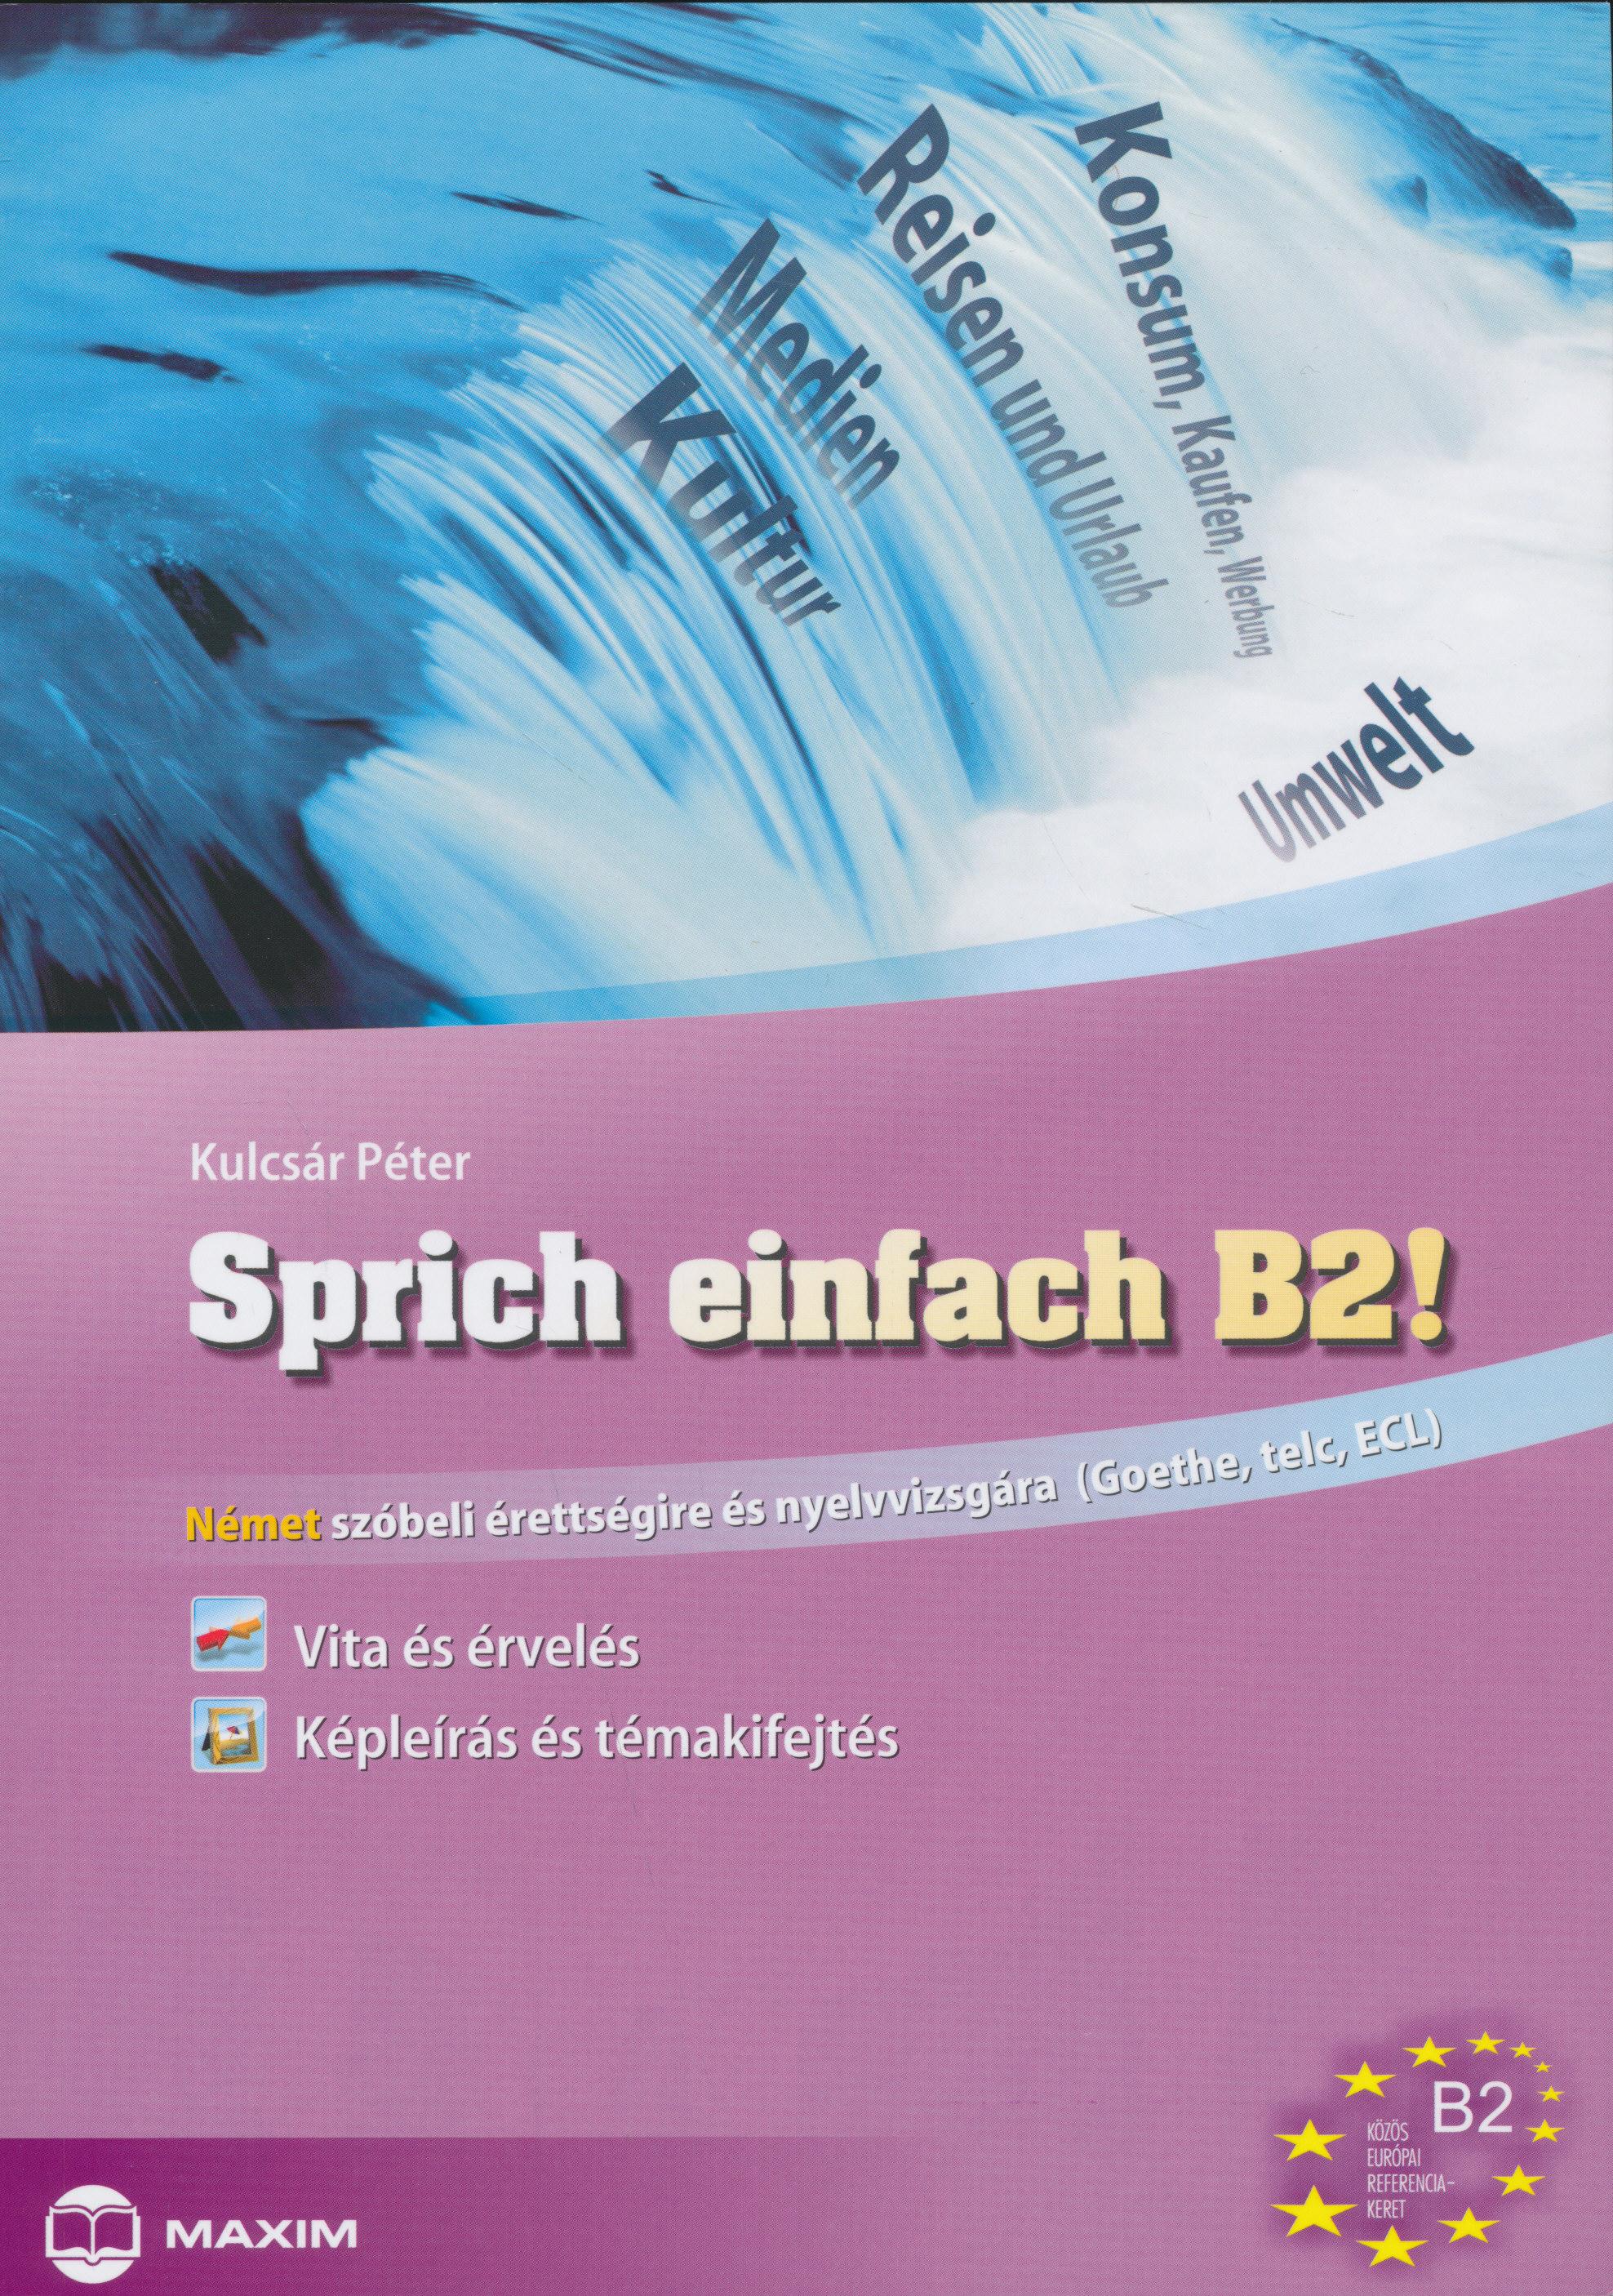 Sprich einfach B2! - Német szóbeli érettségire és nyelvvizsgára (Goethe, TELC, ECL)